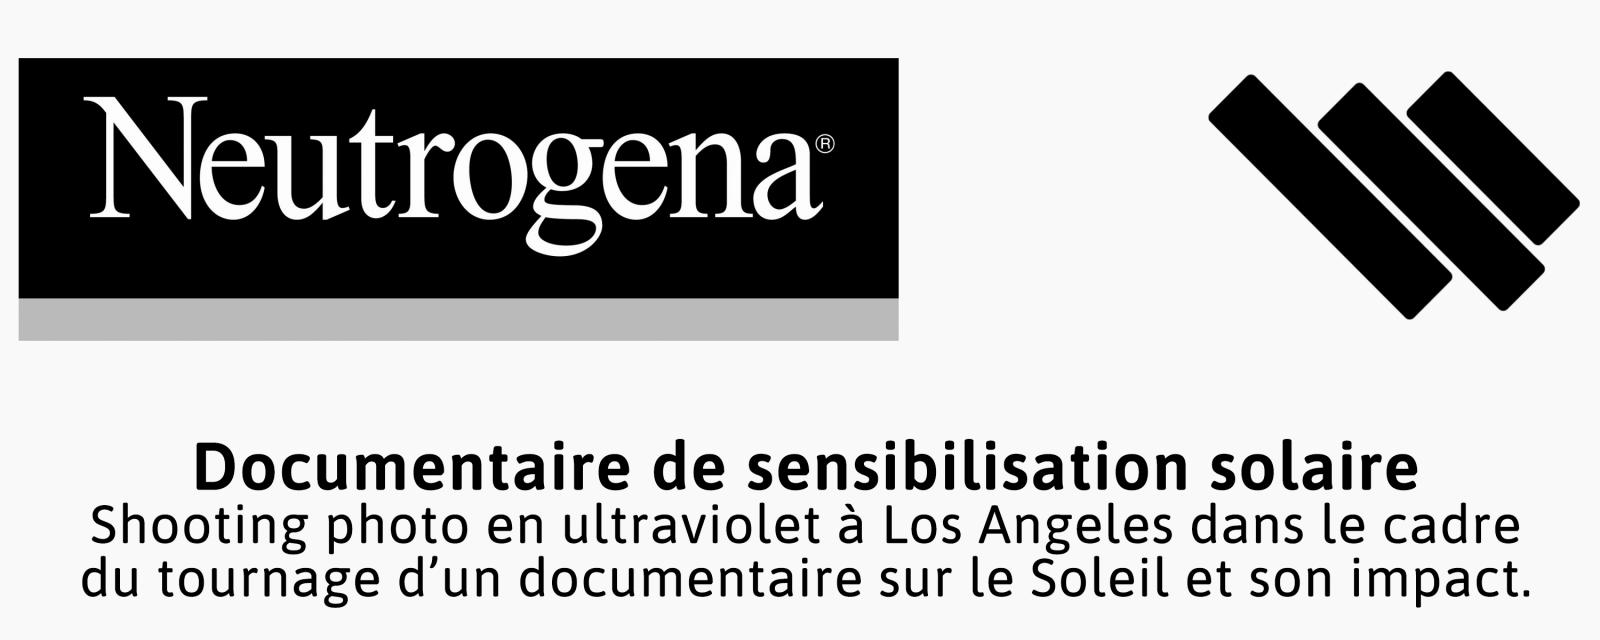 Prestation photographique réalisée par le photographe Pierre-Louis Ferrer, spécialiste en photographie dans l'ultraviolet et l'infrarouge, pour le compte de Neutrogena et Whitelist